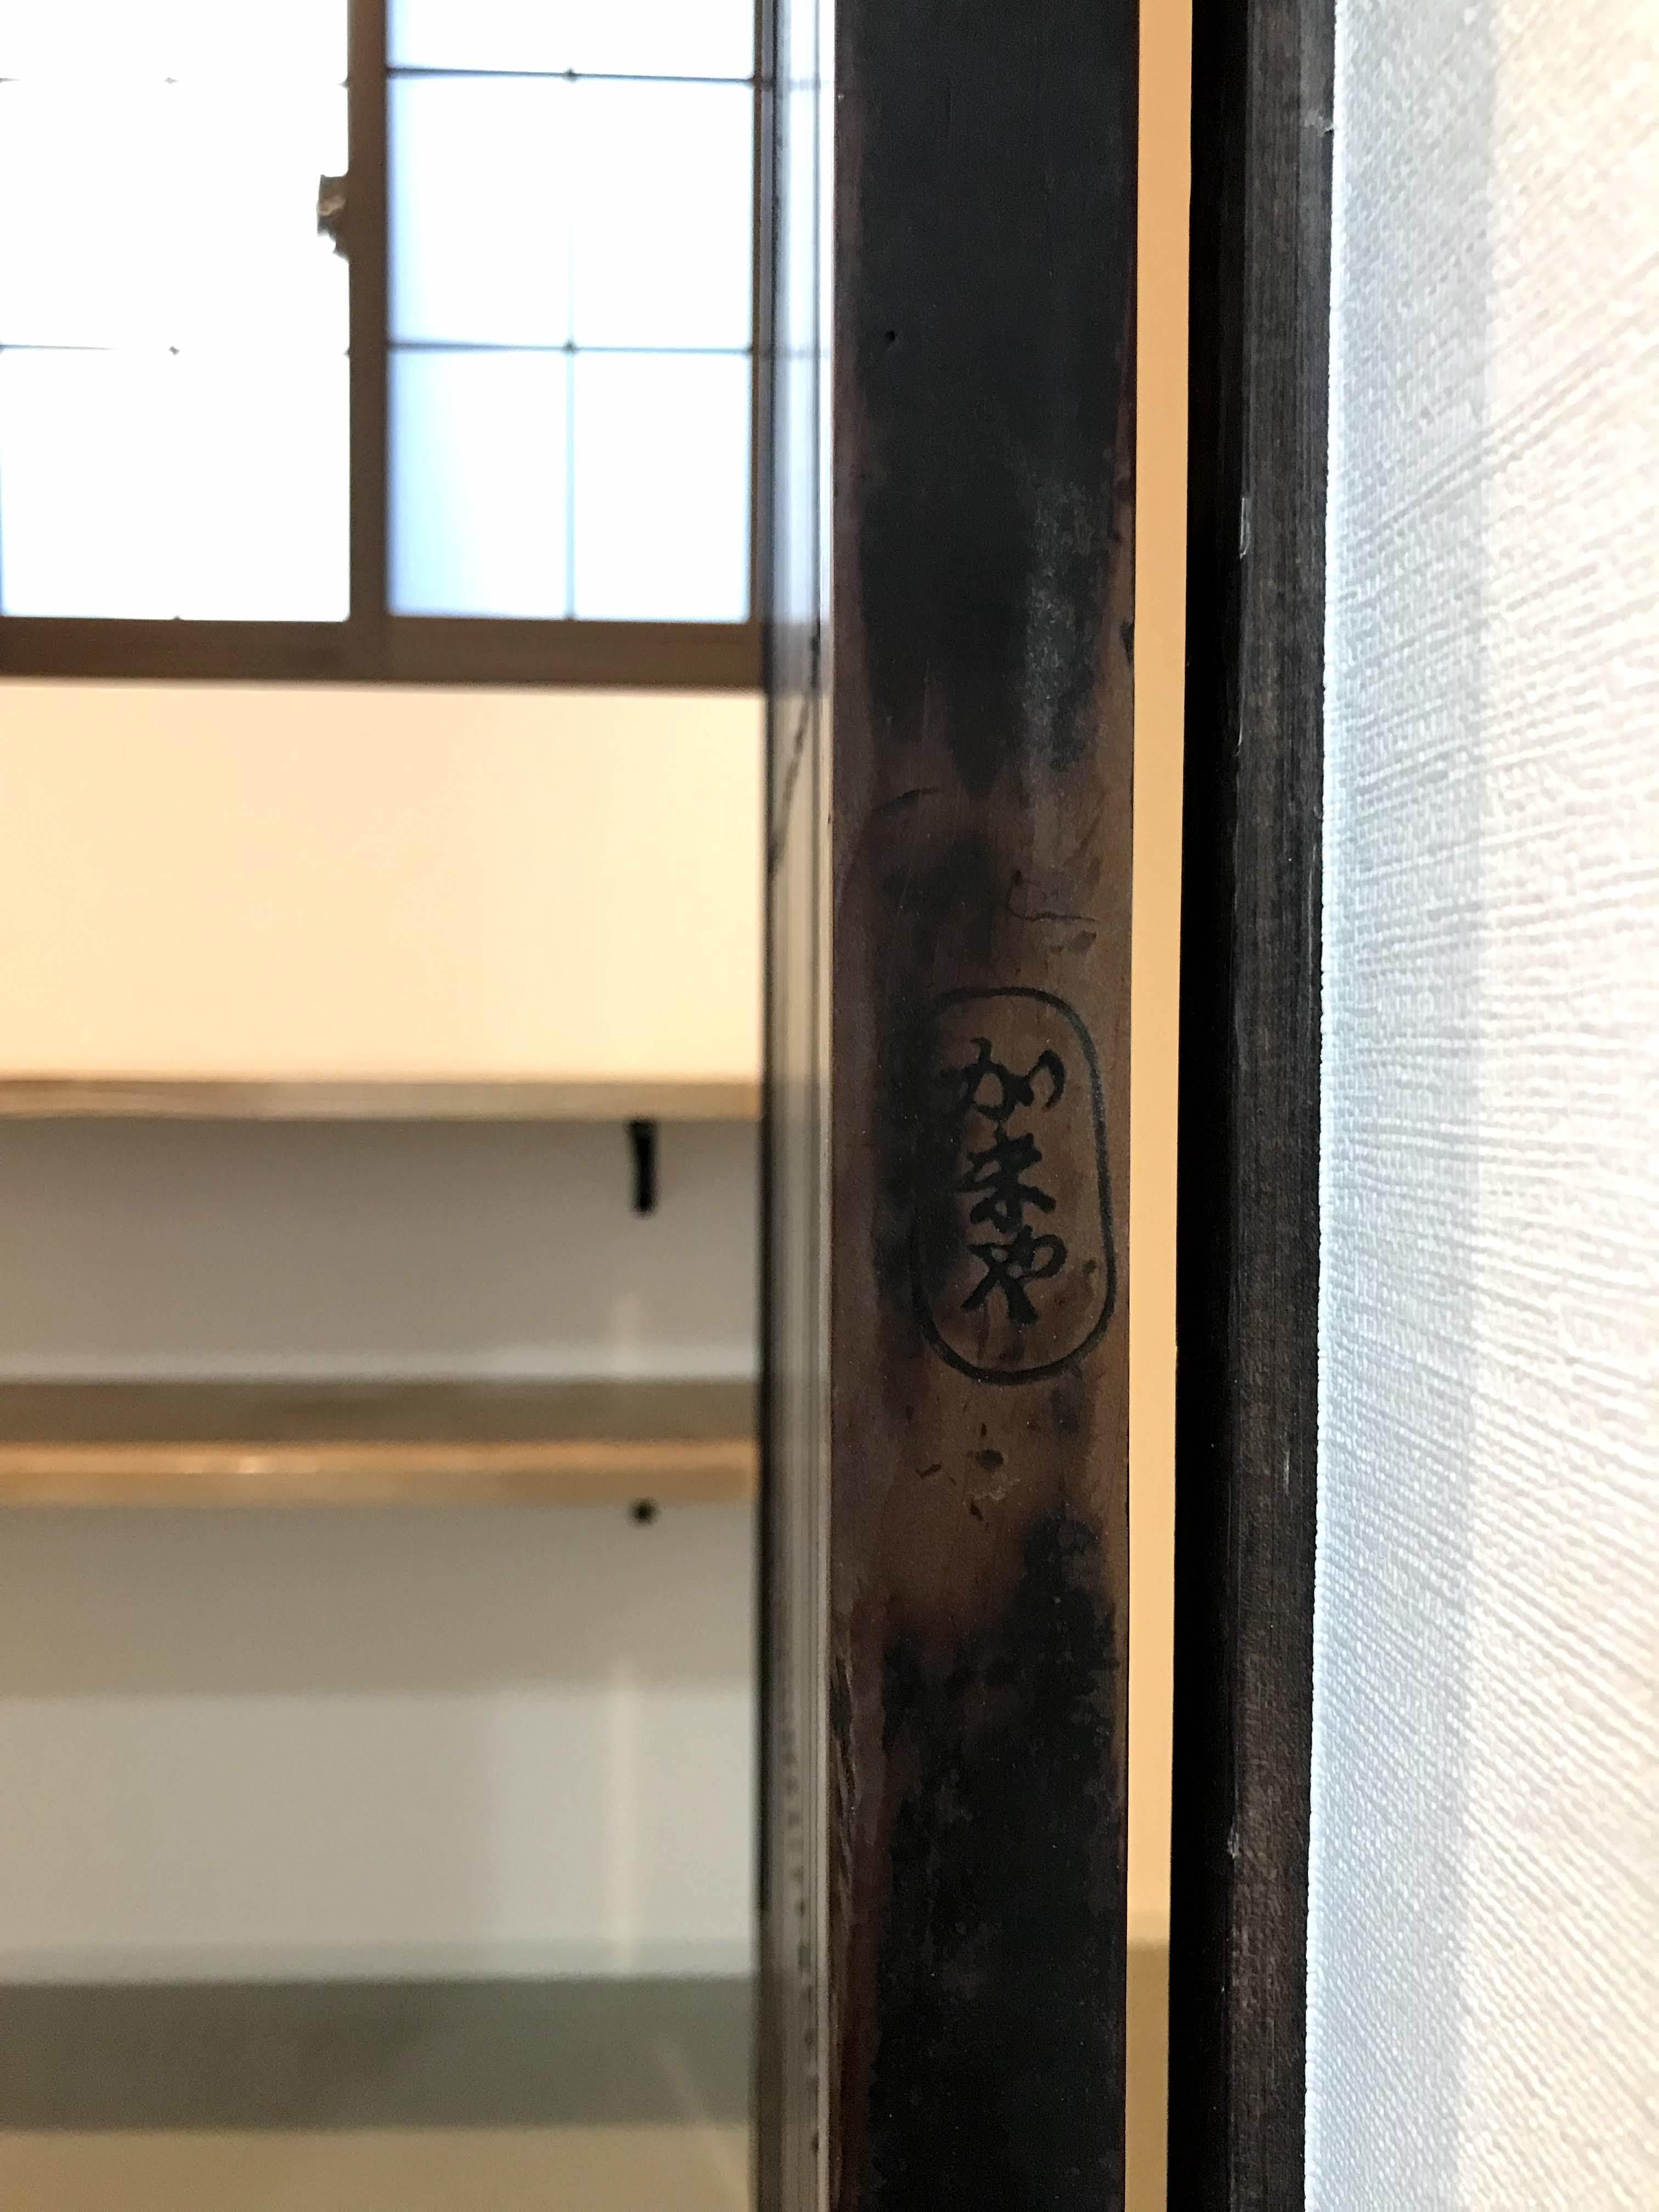 墨田区東向島の民泊計画_a0117794_16285004.jpg